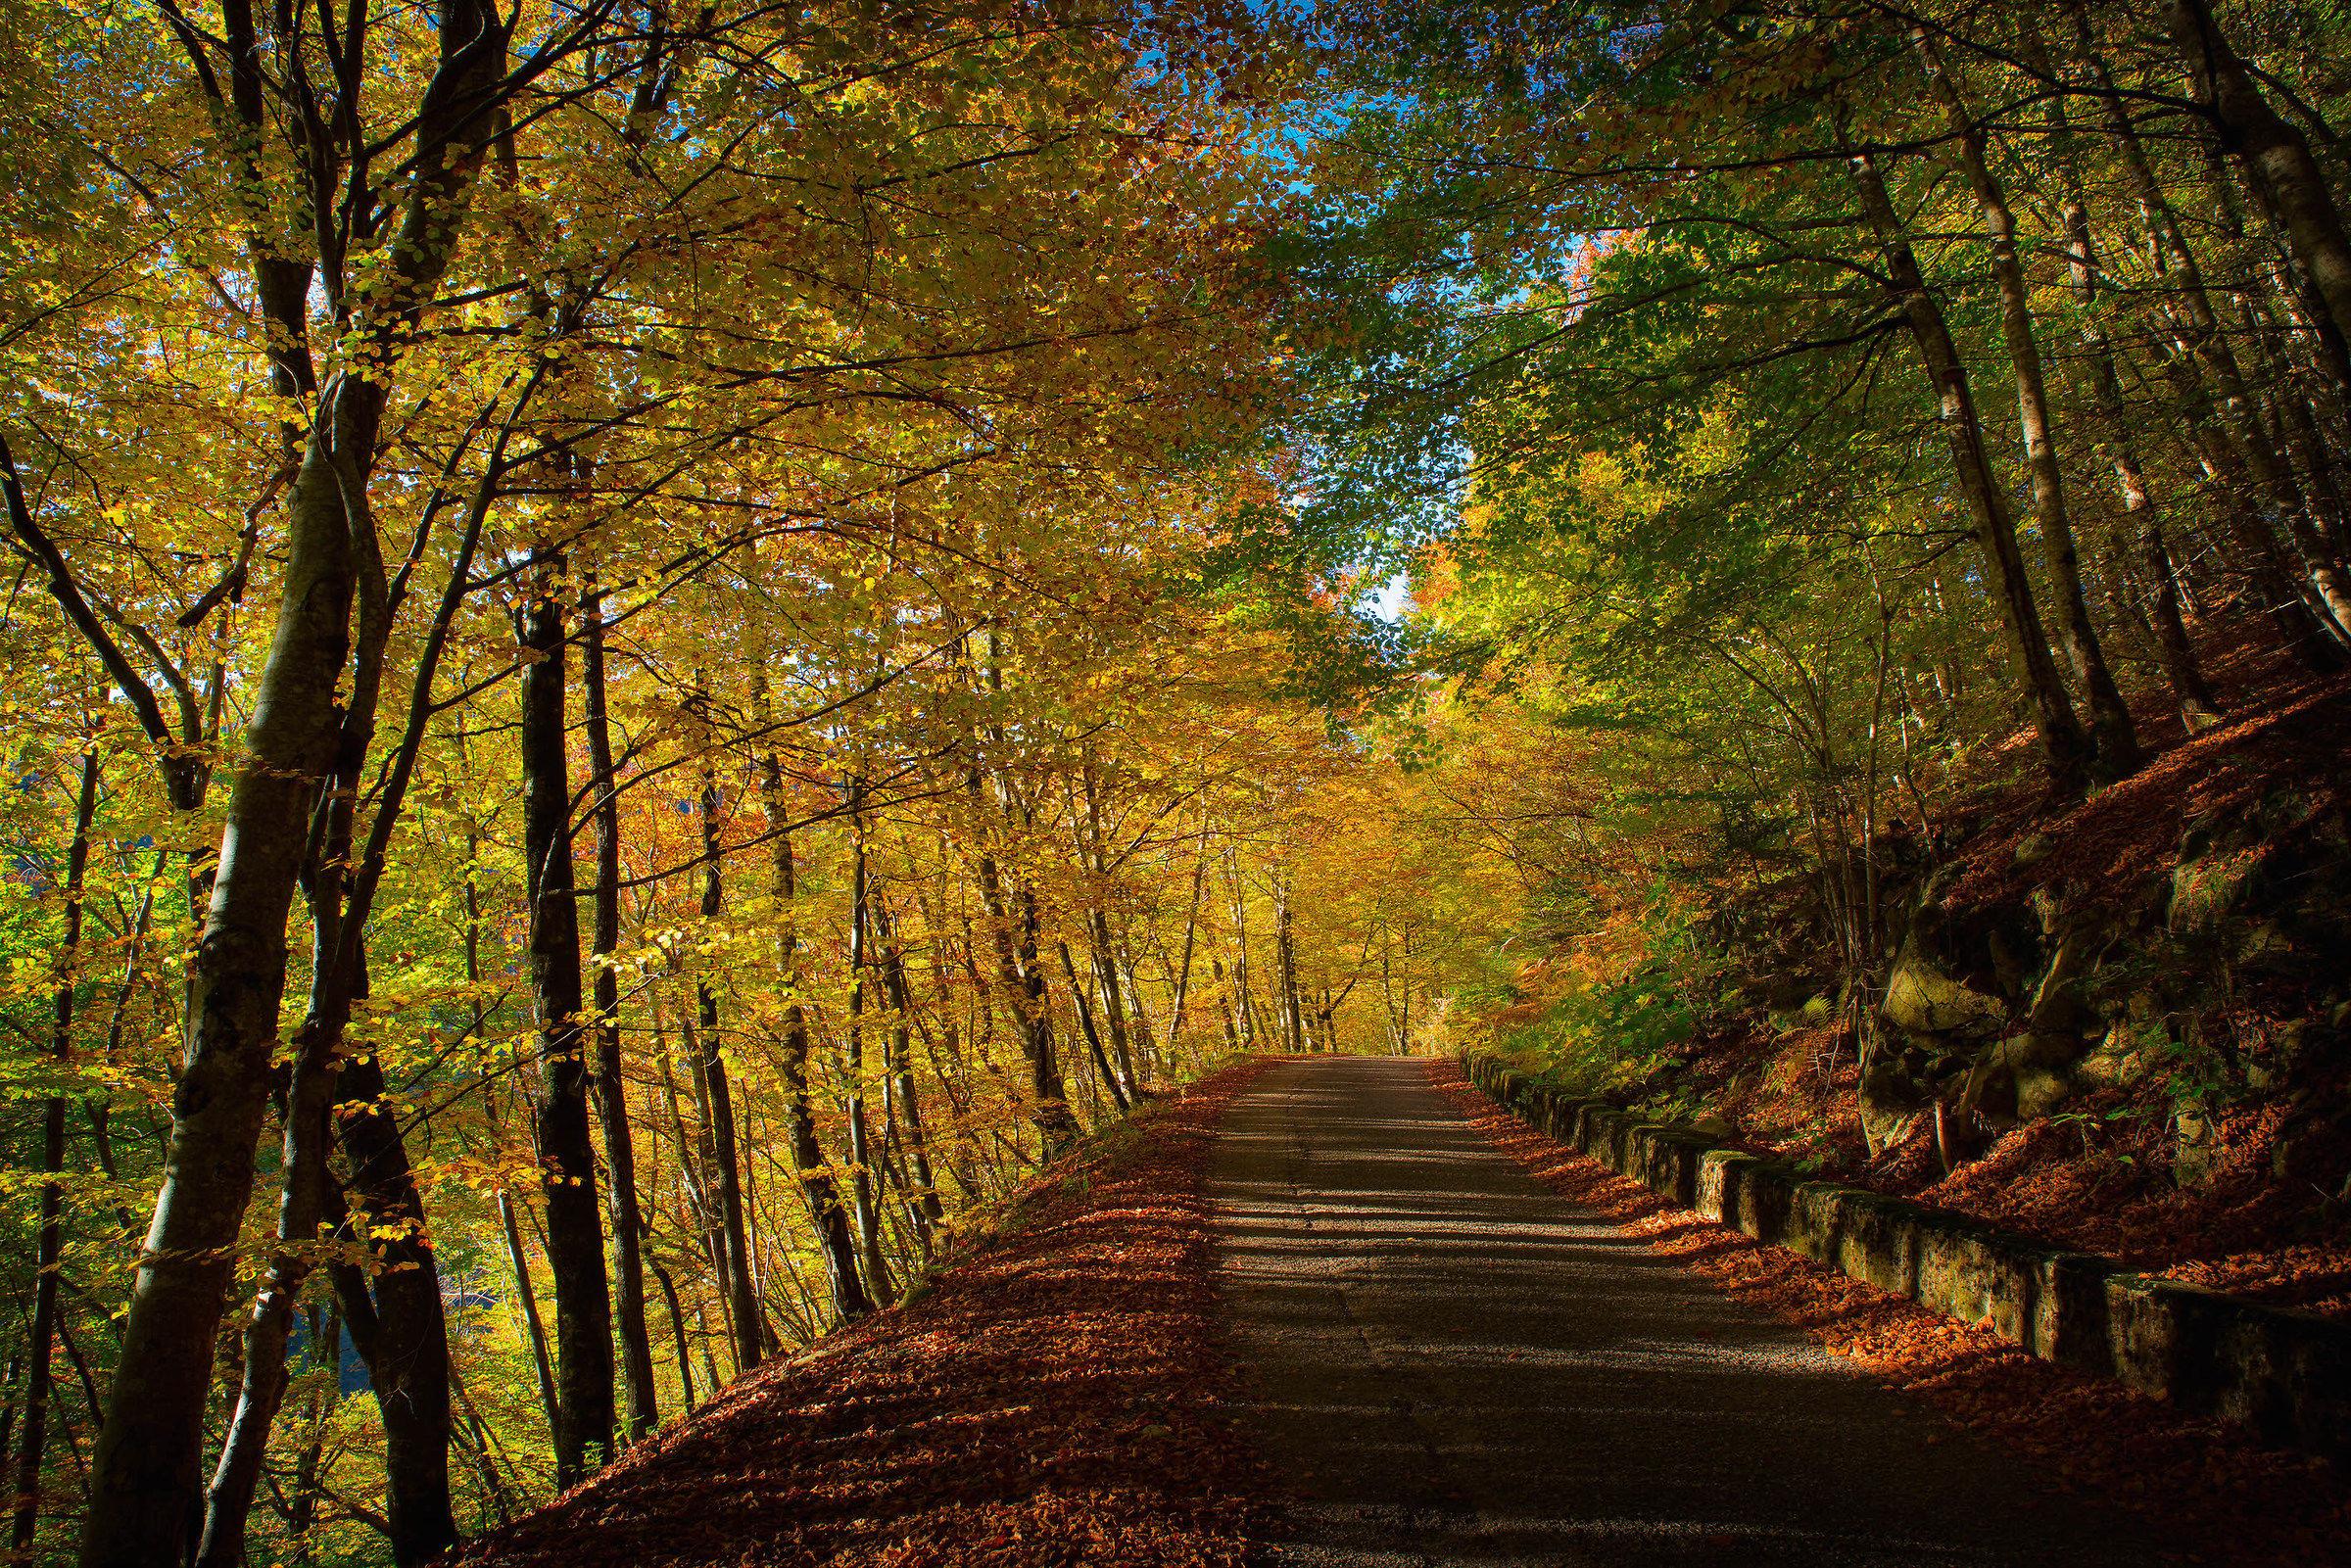 I colori del bosco...